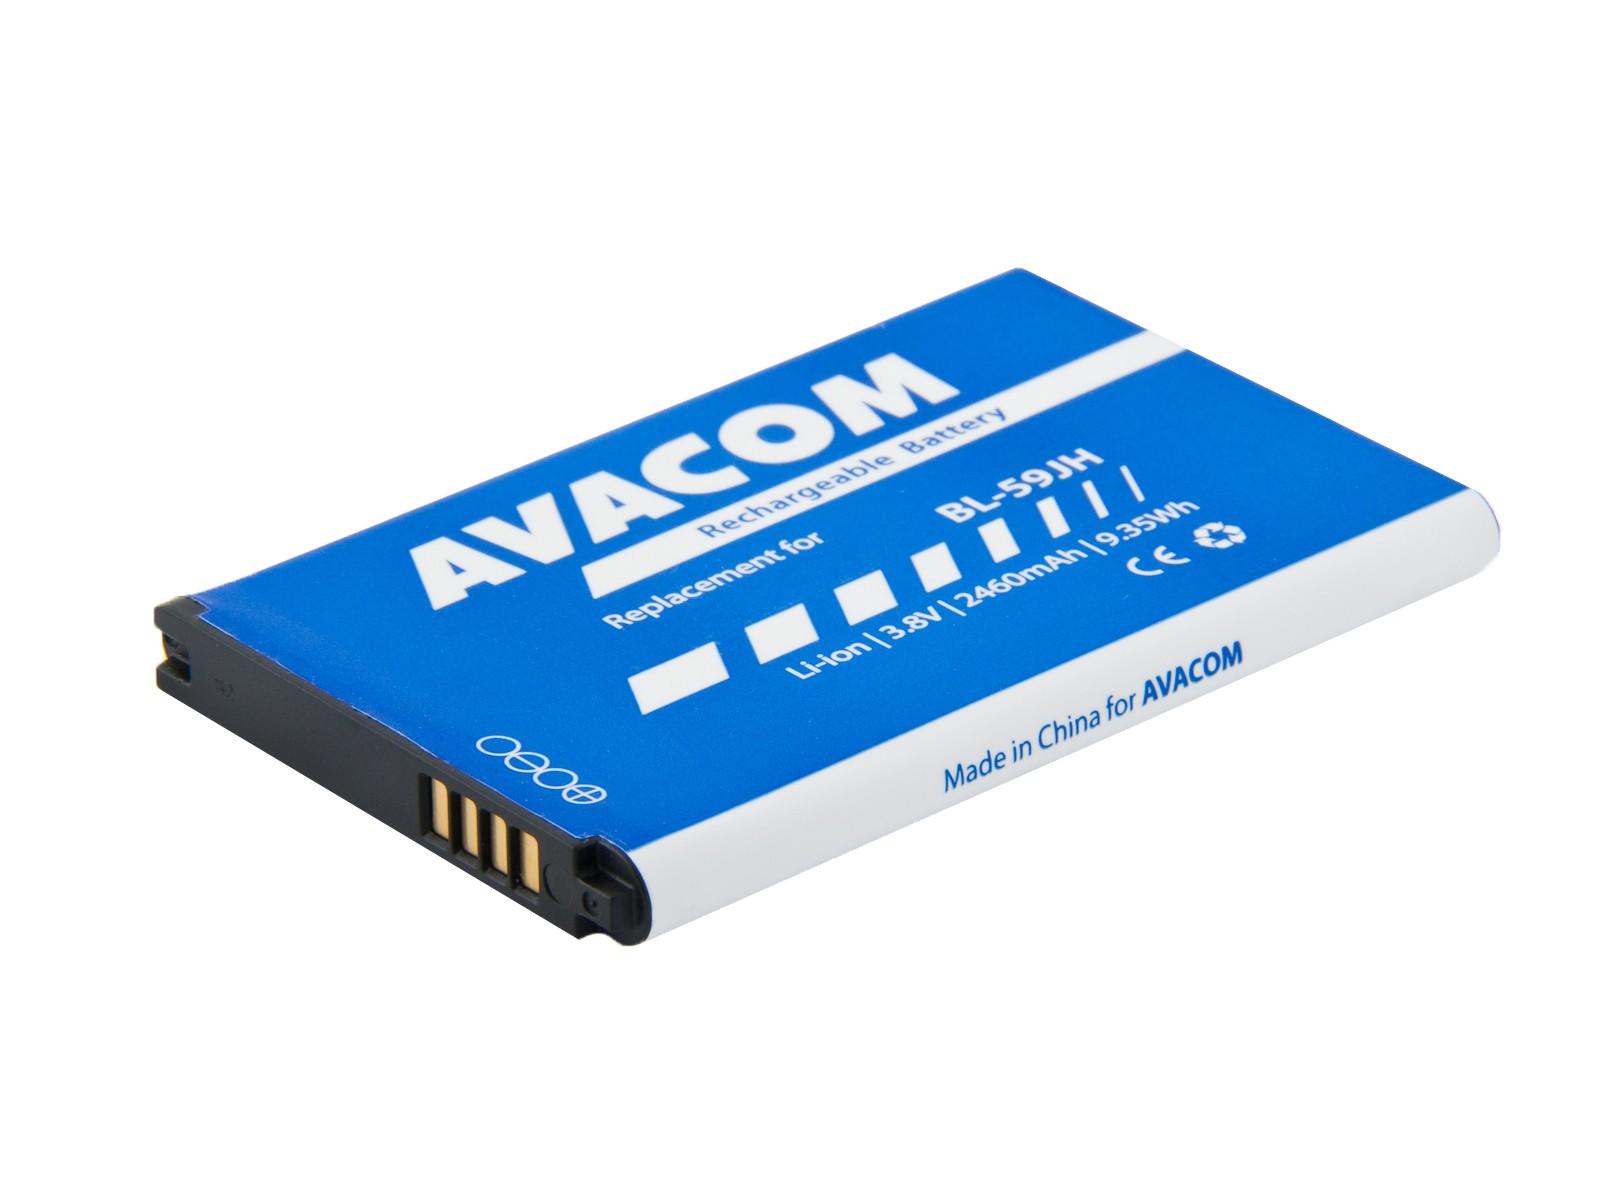 Náhradní baterie AVACOM Baterie do mobilu LG Optimus L7 II Li-Ion 3,8V 2460mAh, (náhrada BL-59JH)